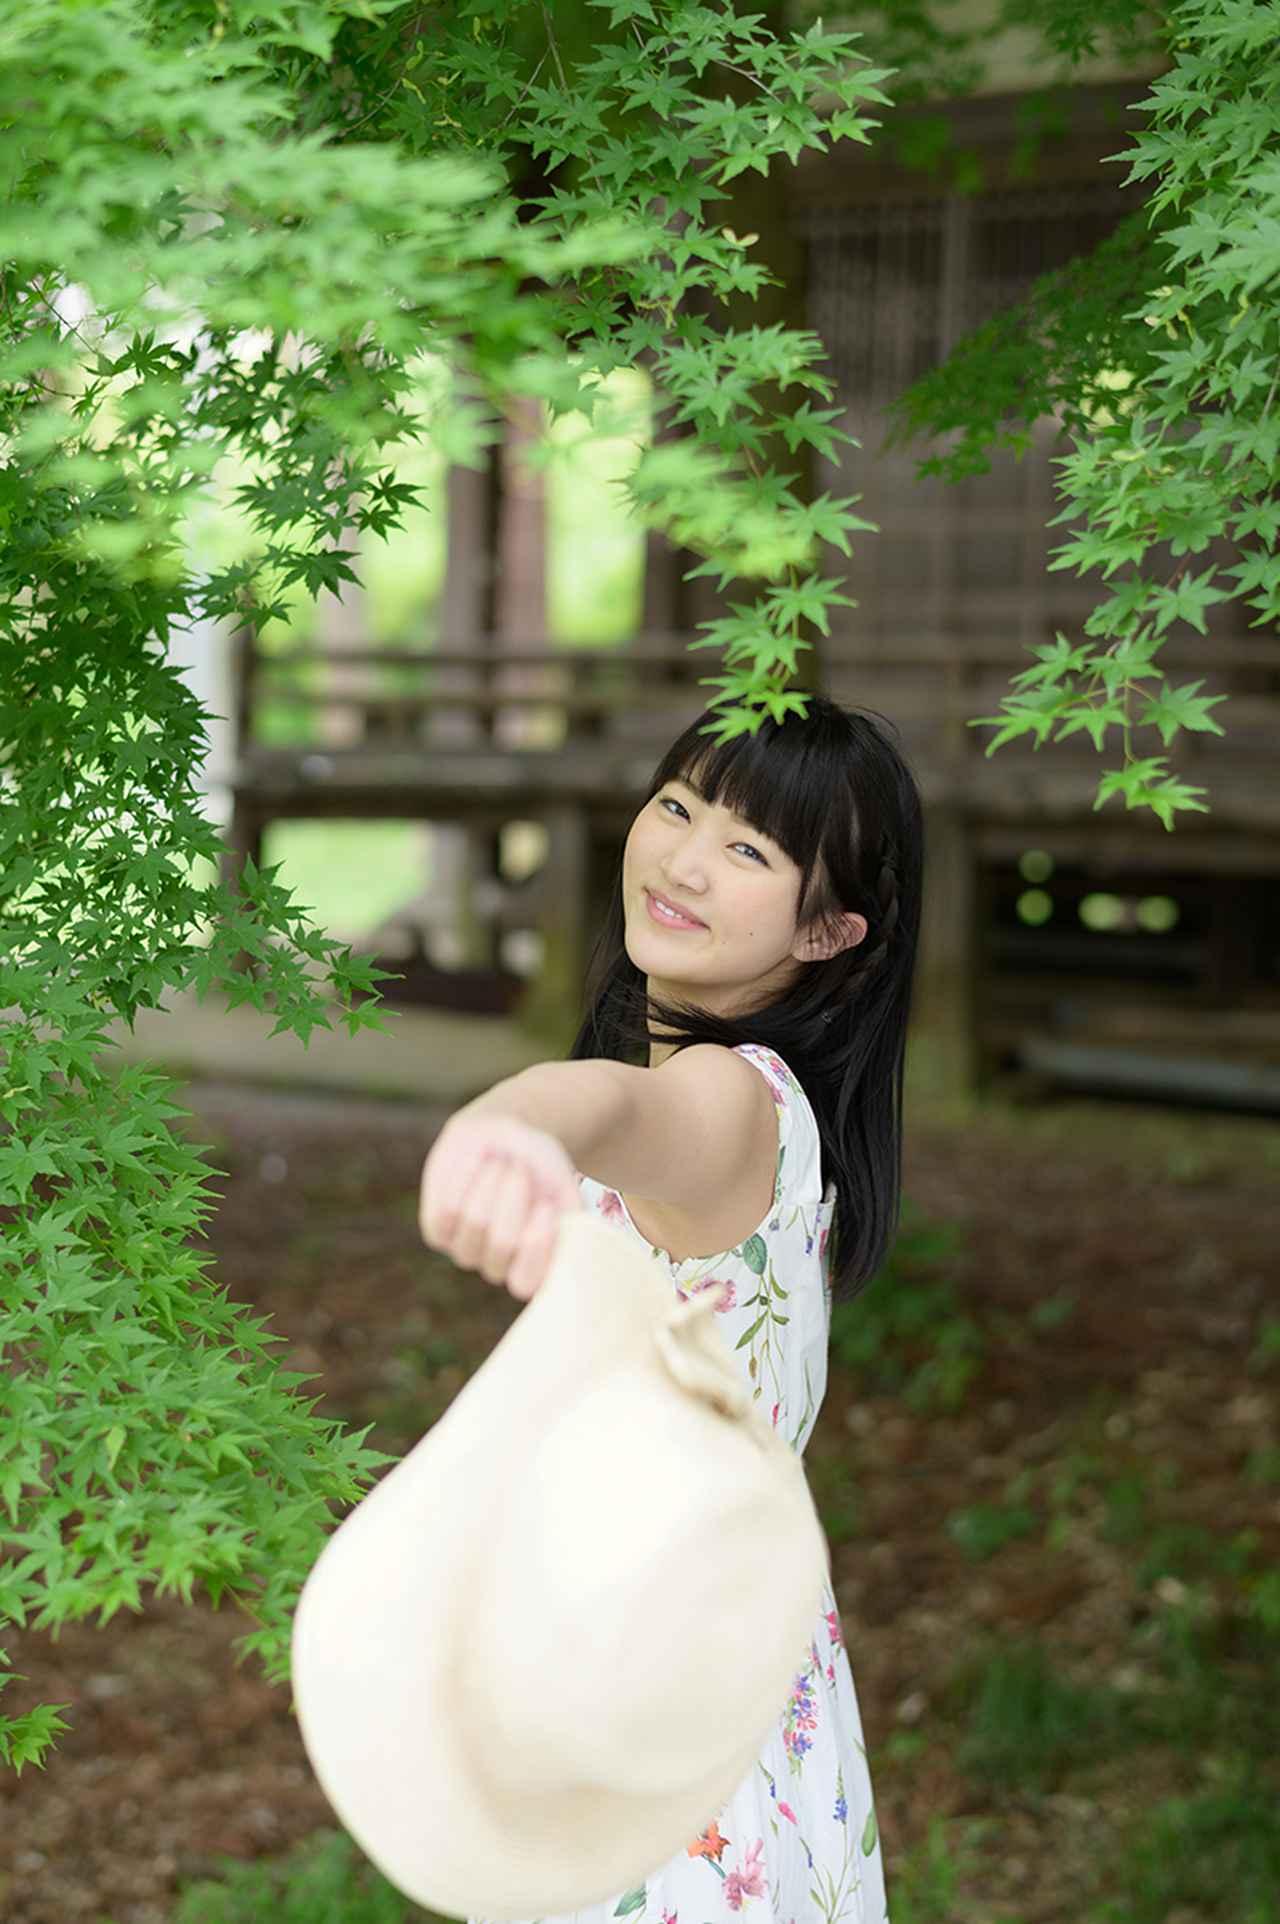 画像: Nikon Z 6 +AF-S NIKKOR 58mm f/1.4G 1/200 f2.0 ISO100 WB:5000